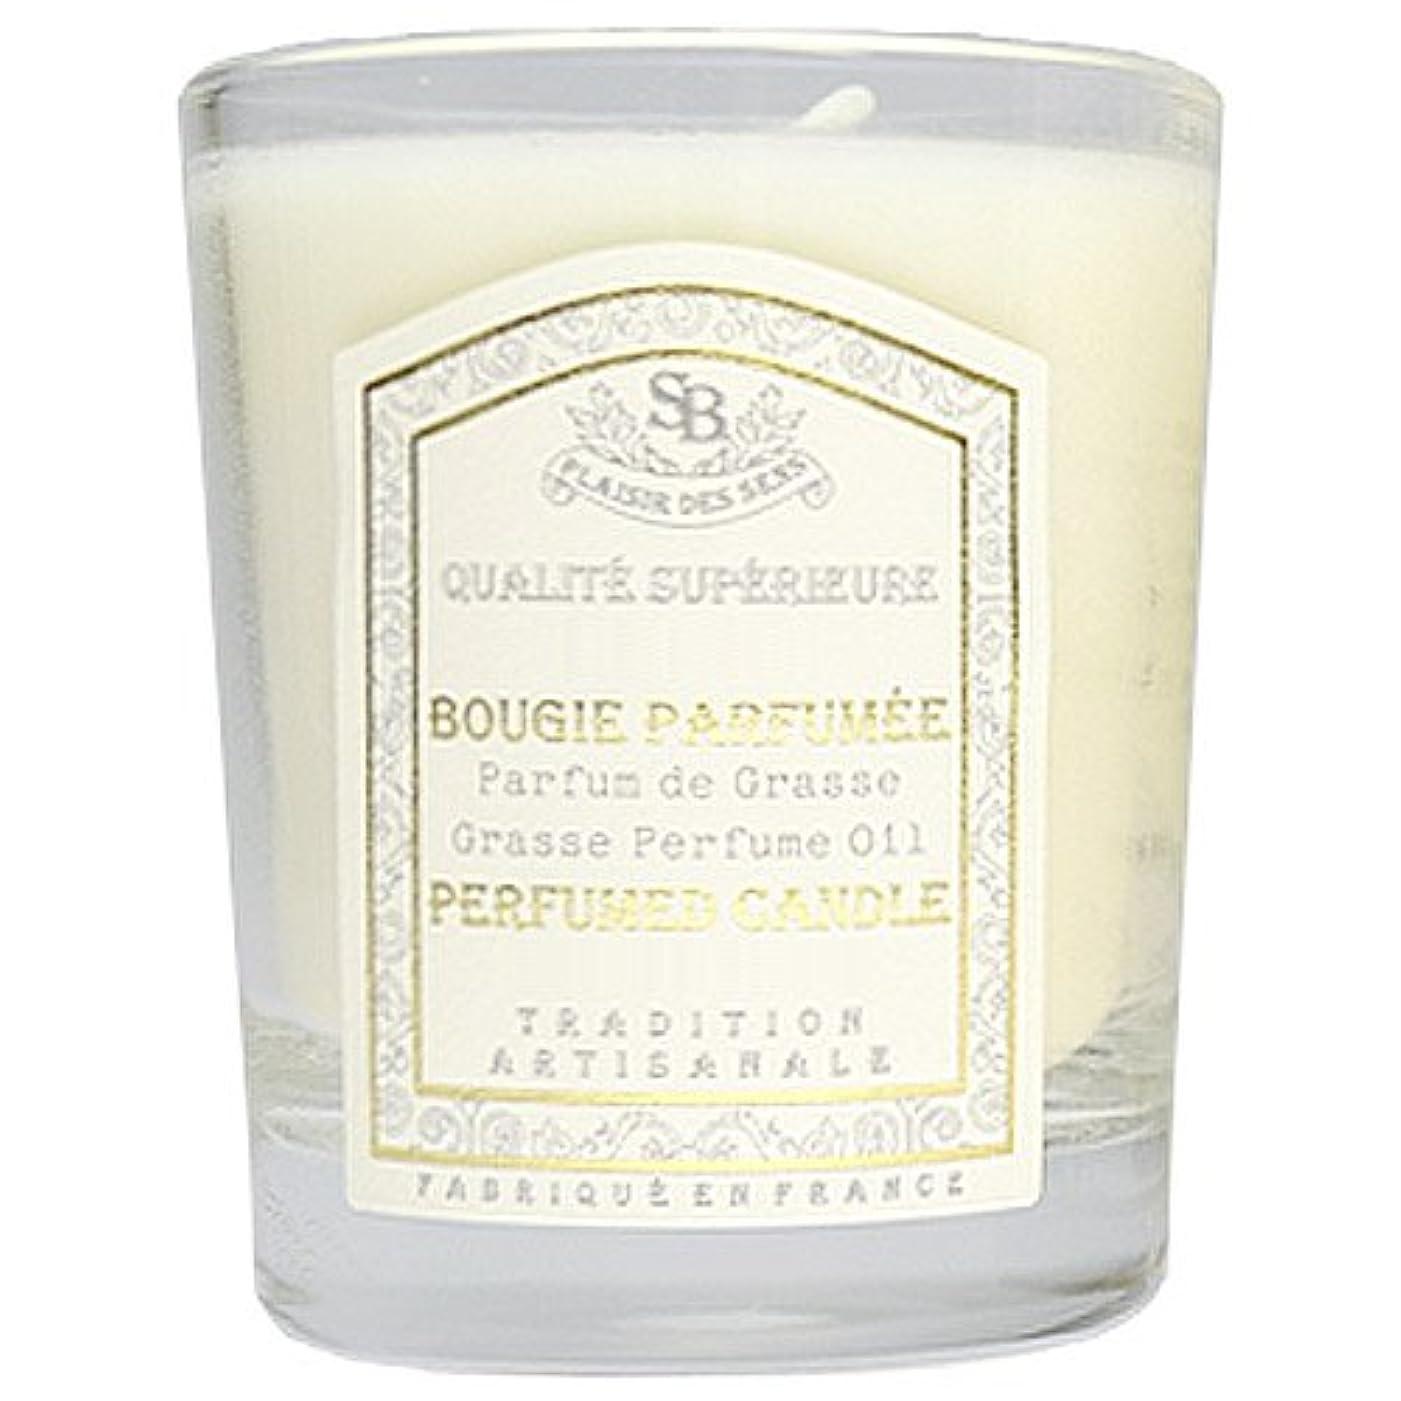 ロマンチック窓を洗うミリメートルSenteur et Beaute(サンタールエボーテ) フレンチクラシックシリーズ グラスキャンドル 90g 「コットンリネン」 4994228021984